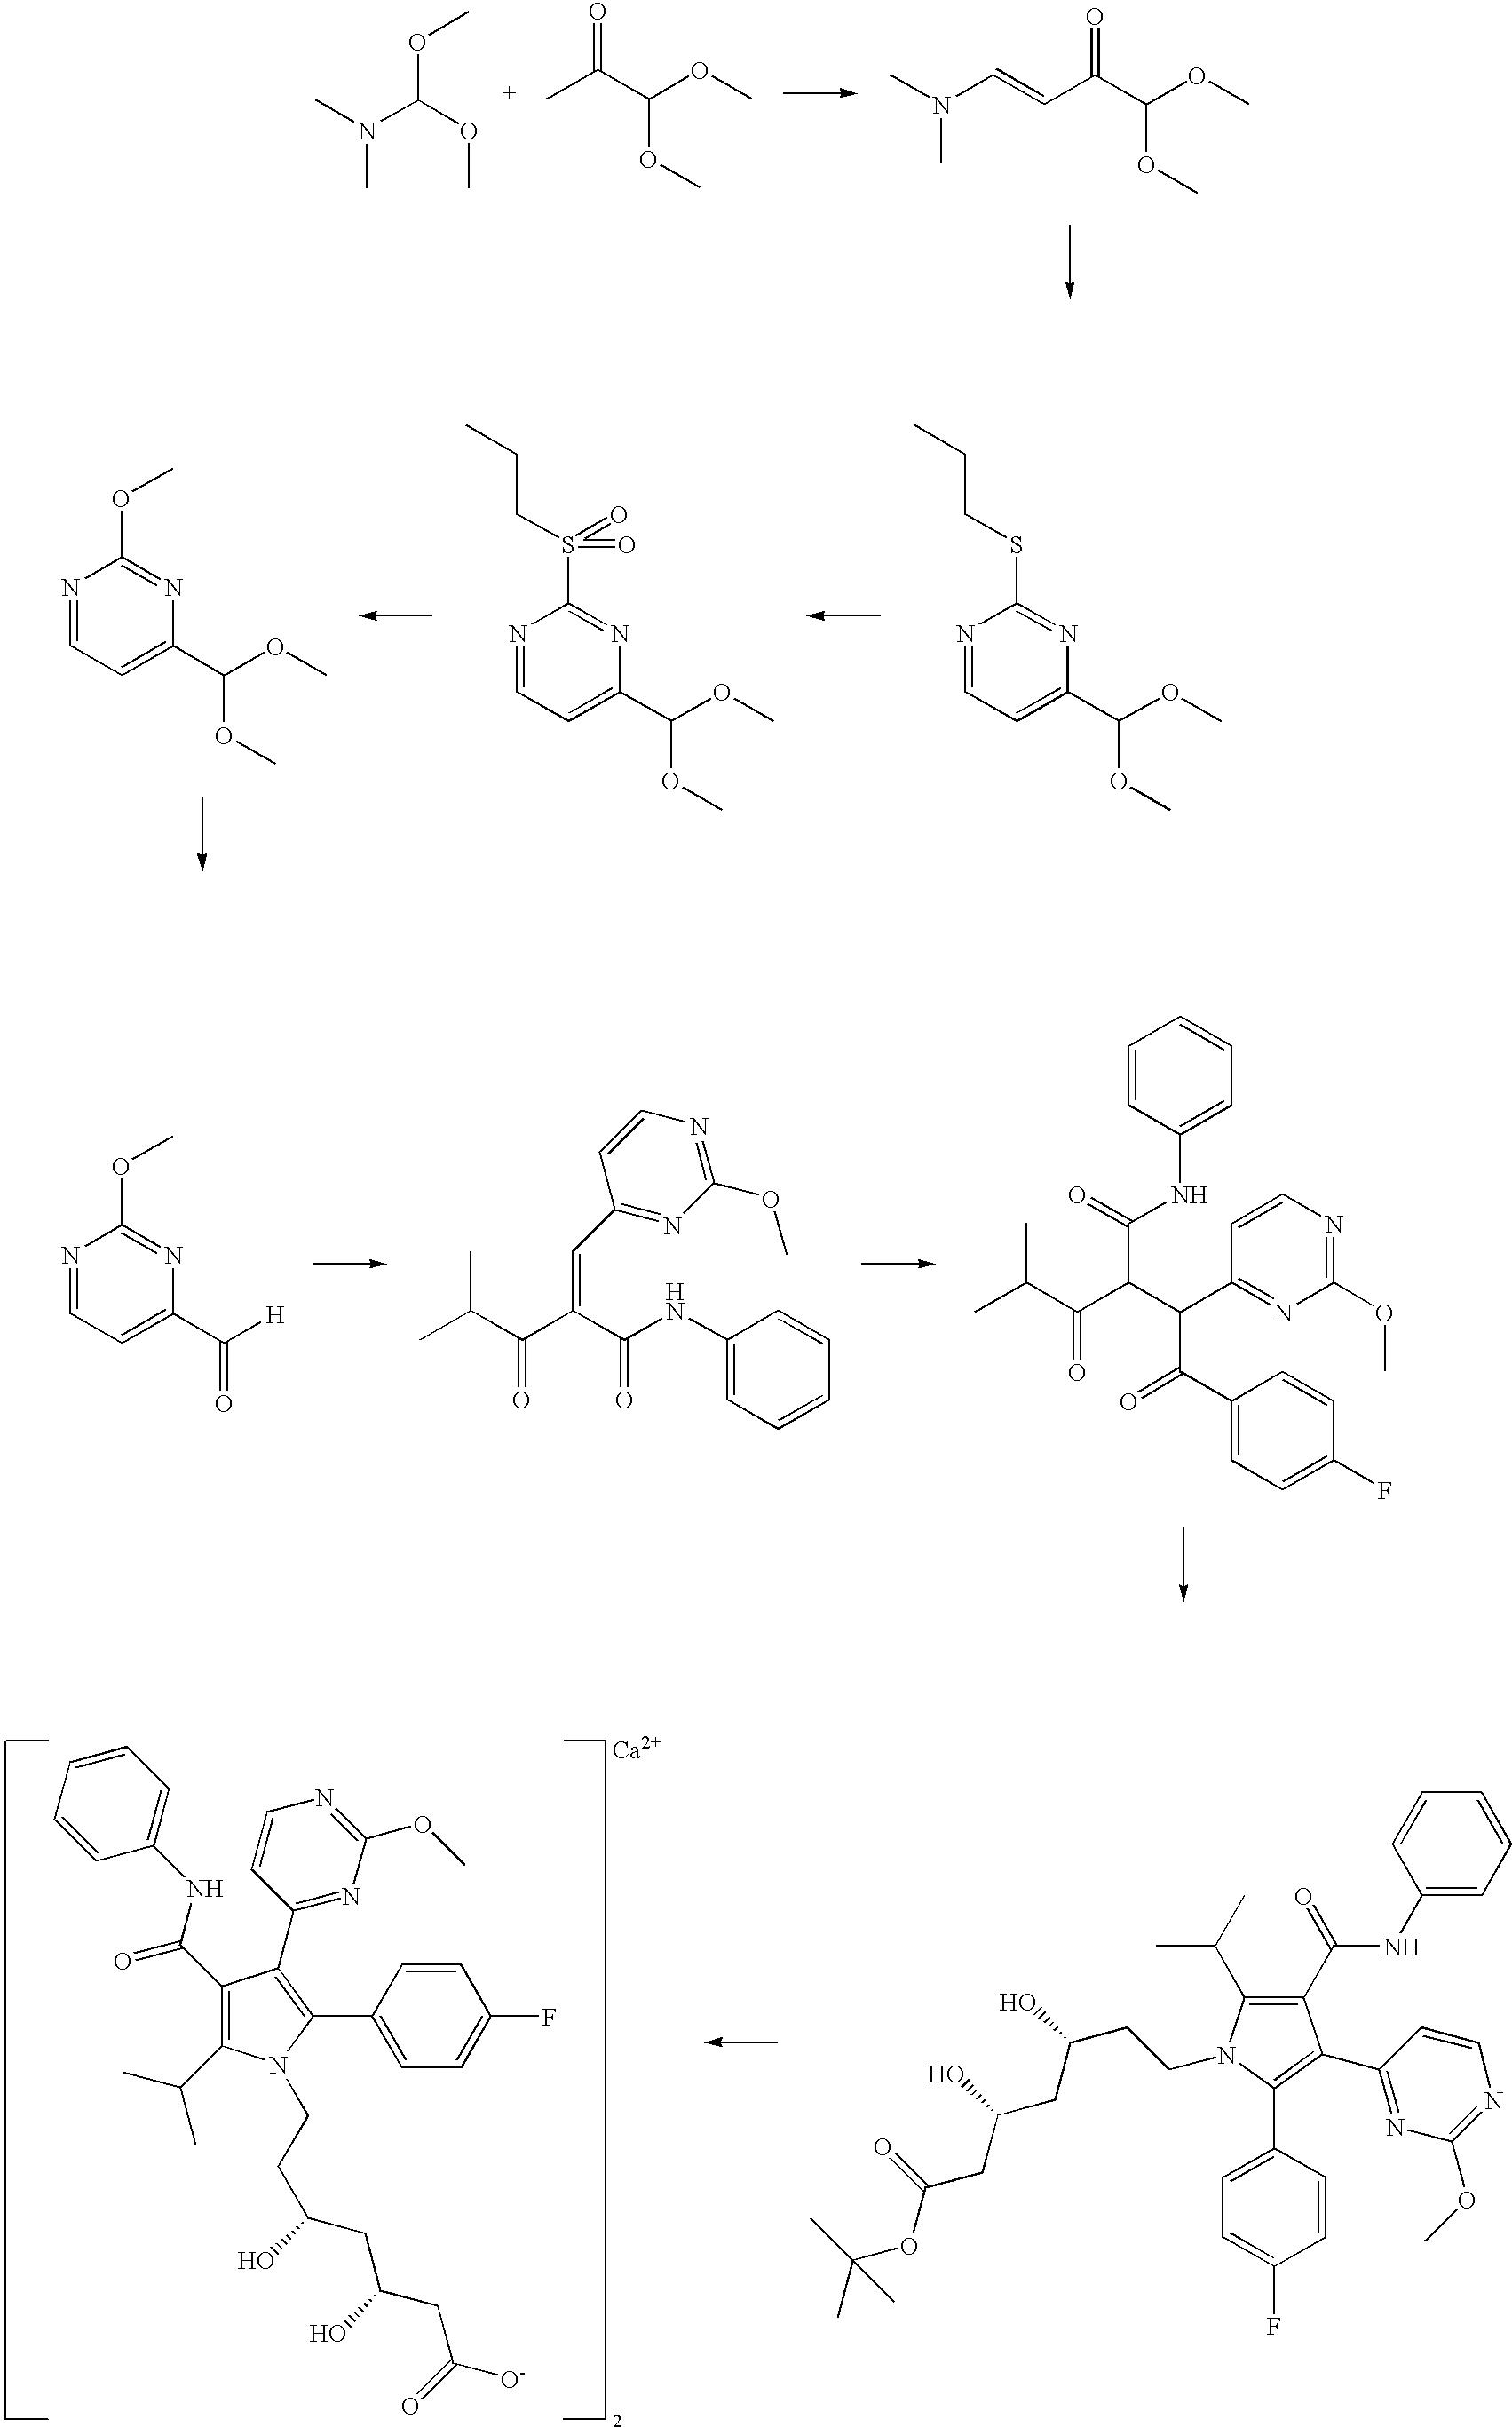 Figure US20050261354A1-20051124-C00180